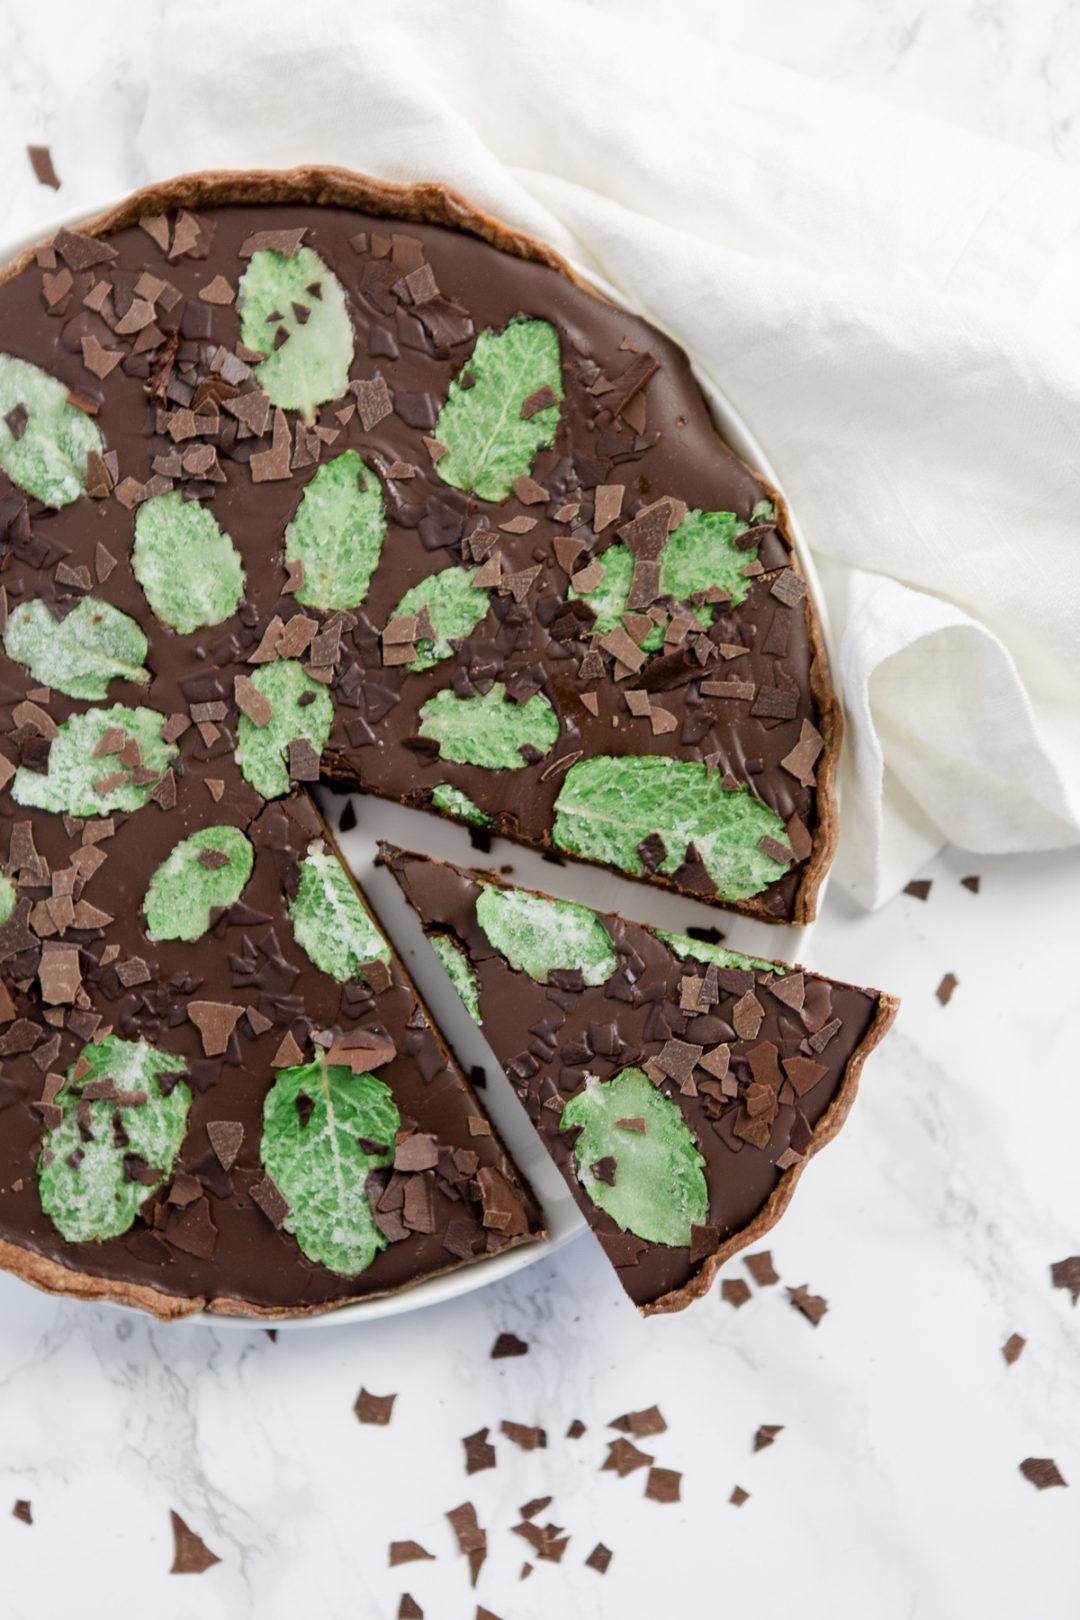 Schokoladentarte mit kandierter Minze - https://kuechenchaotin.de